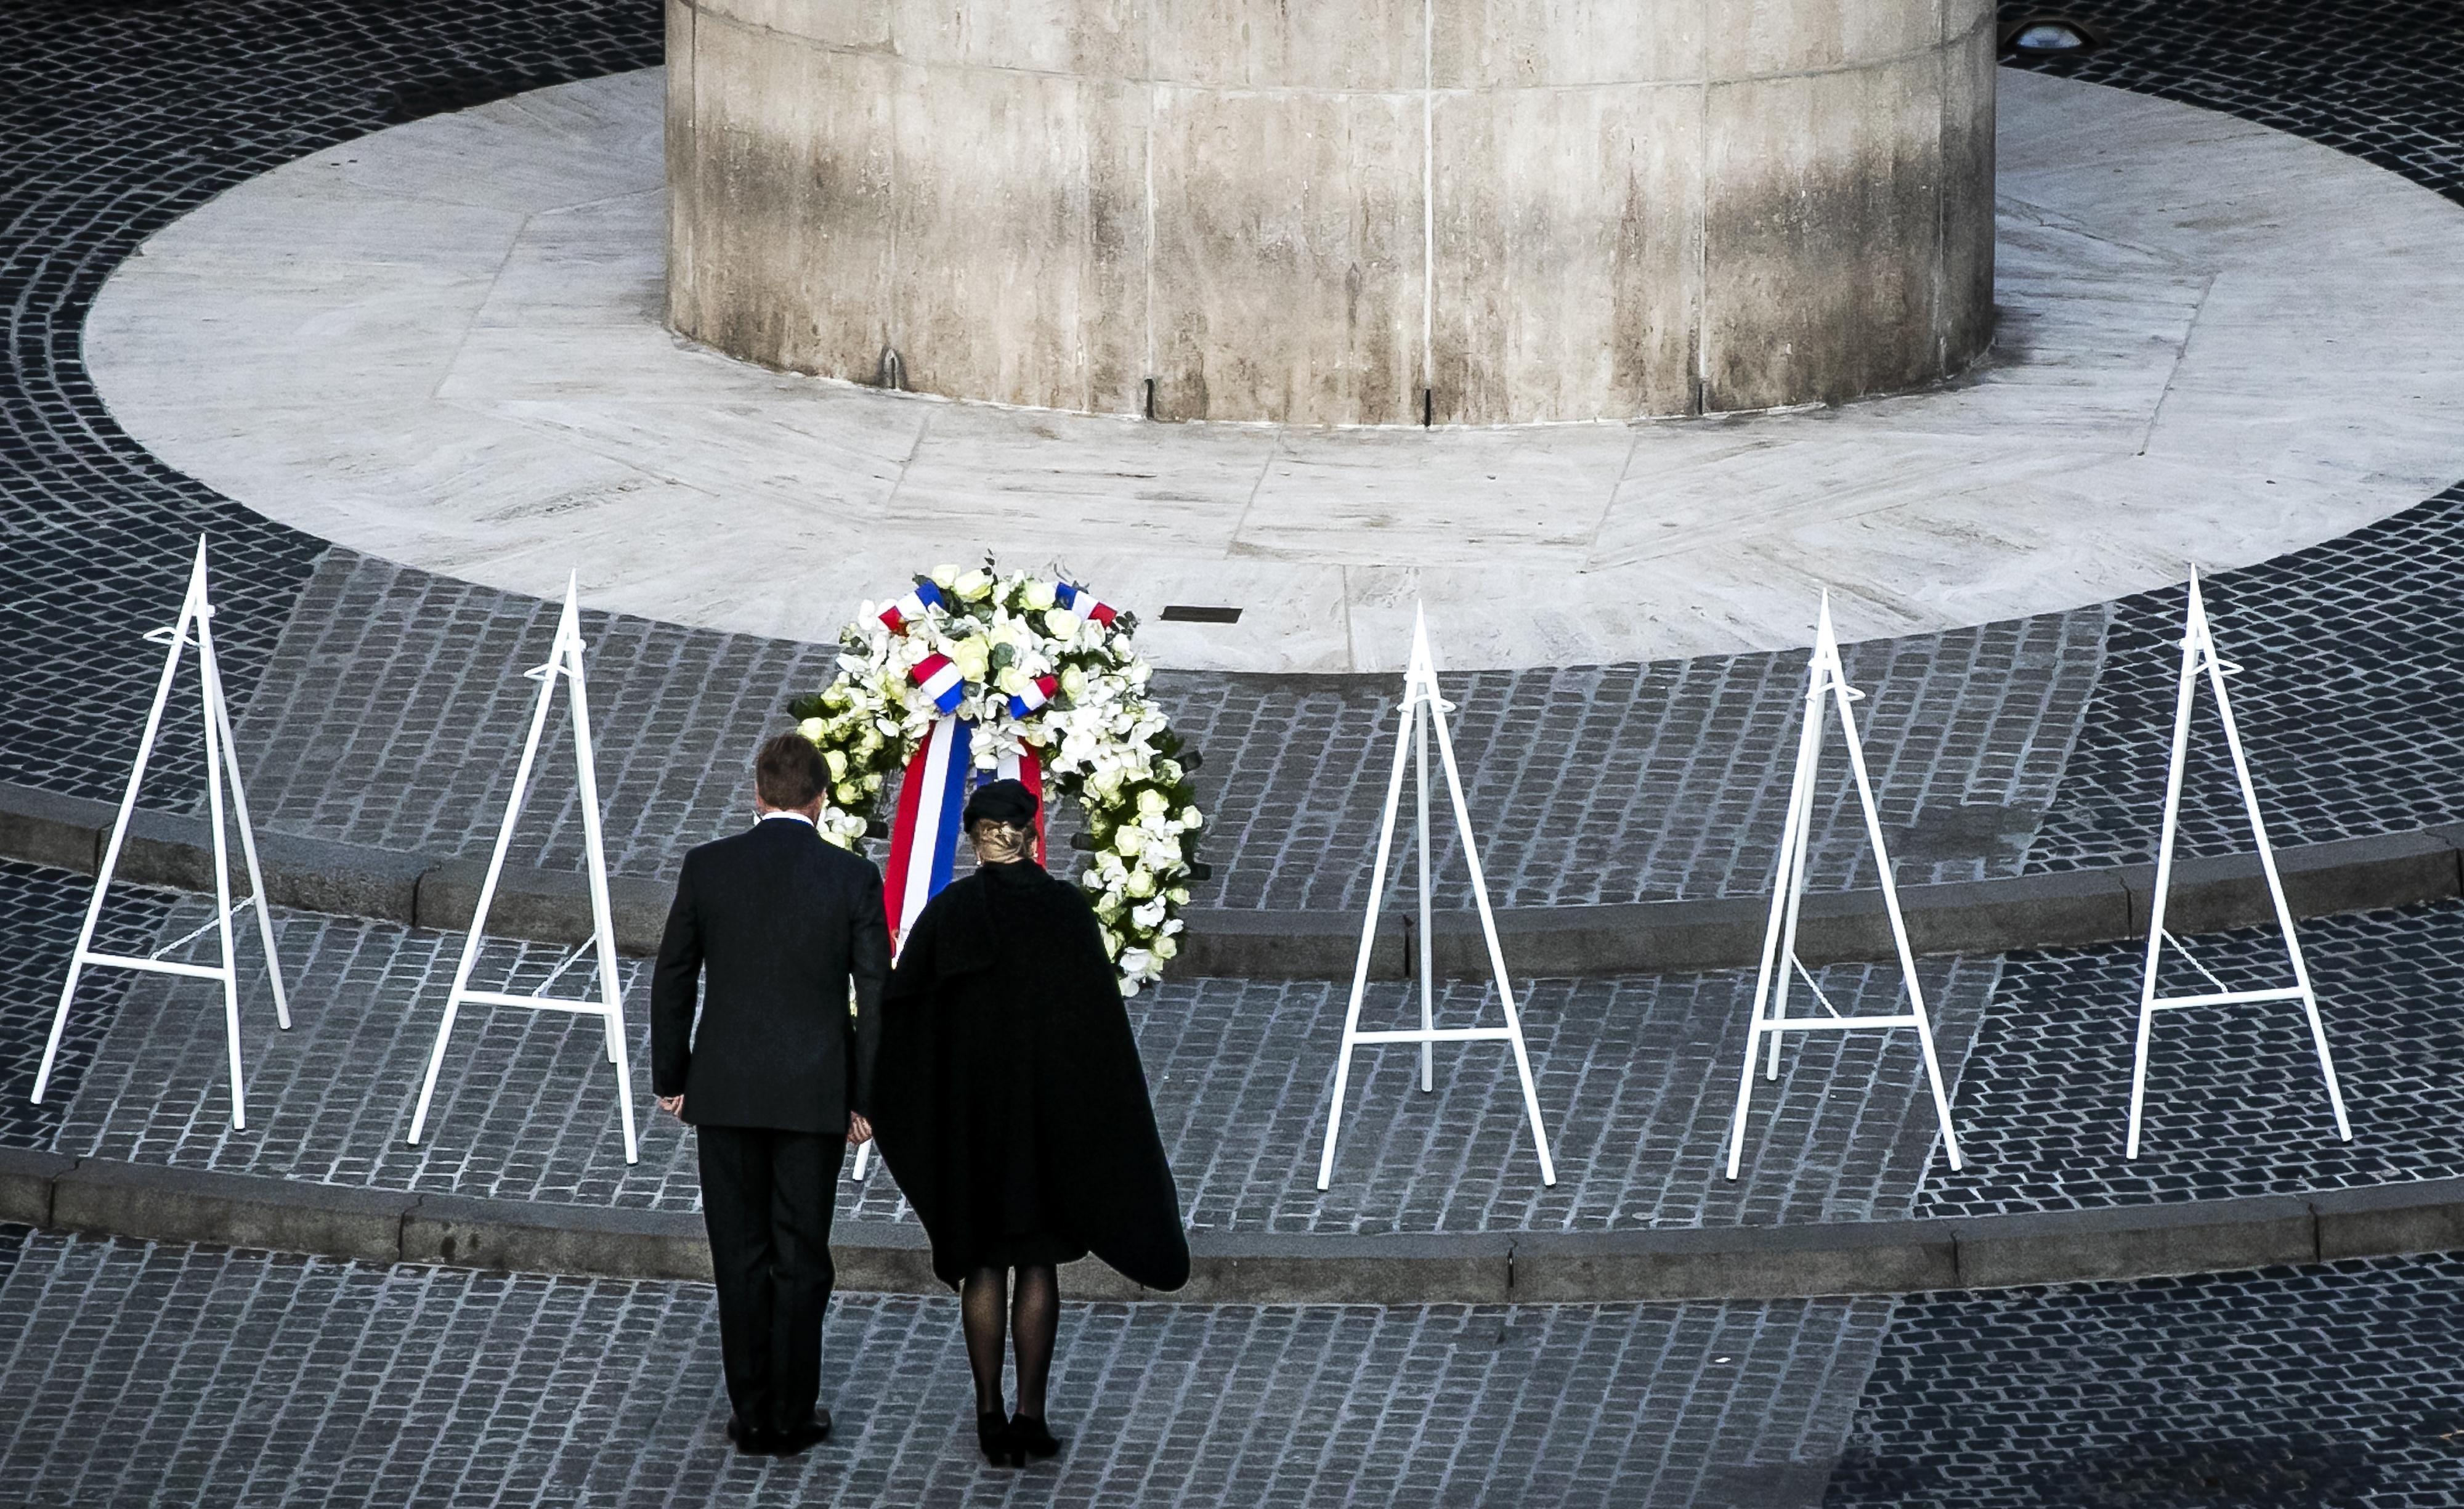 In beeld: Jong en oud herdenken oorlogsdoden